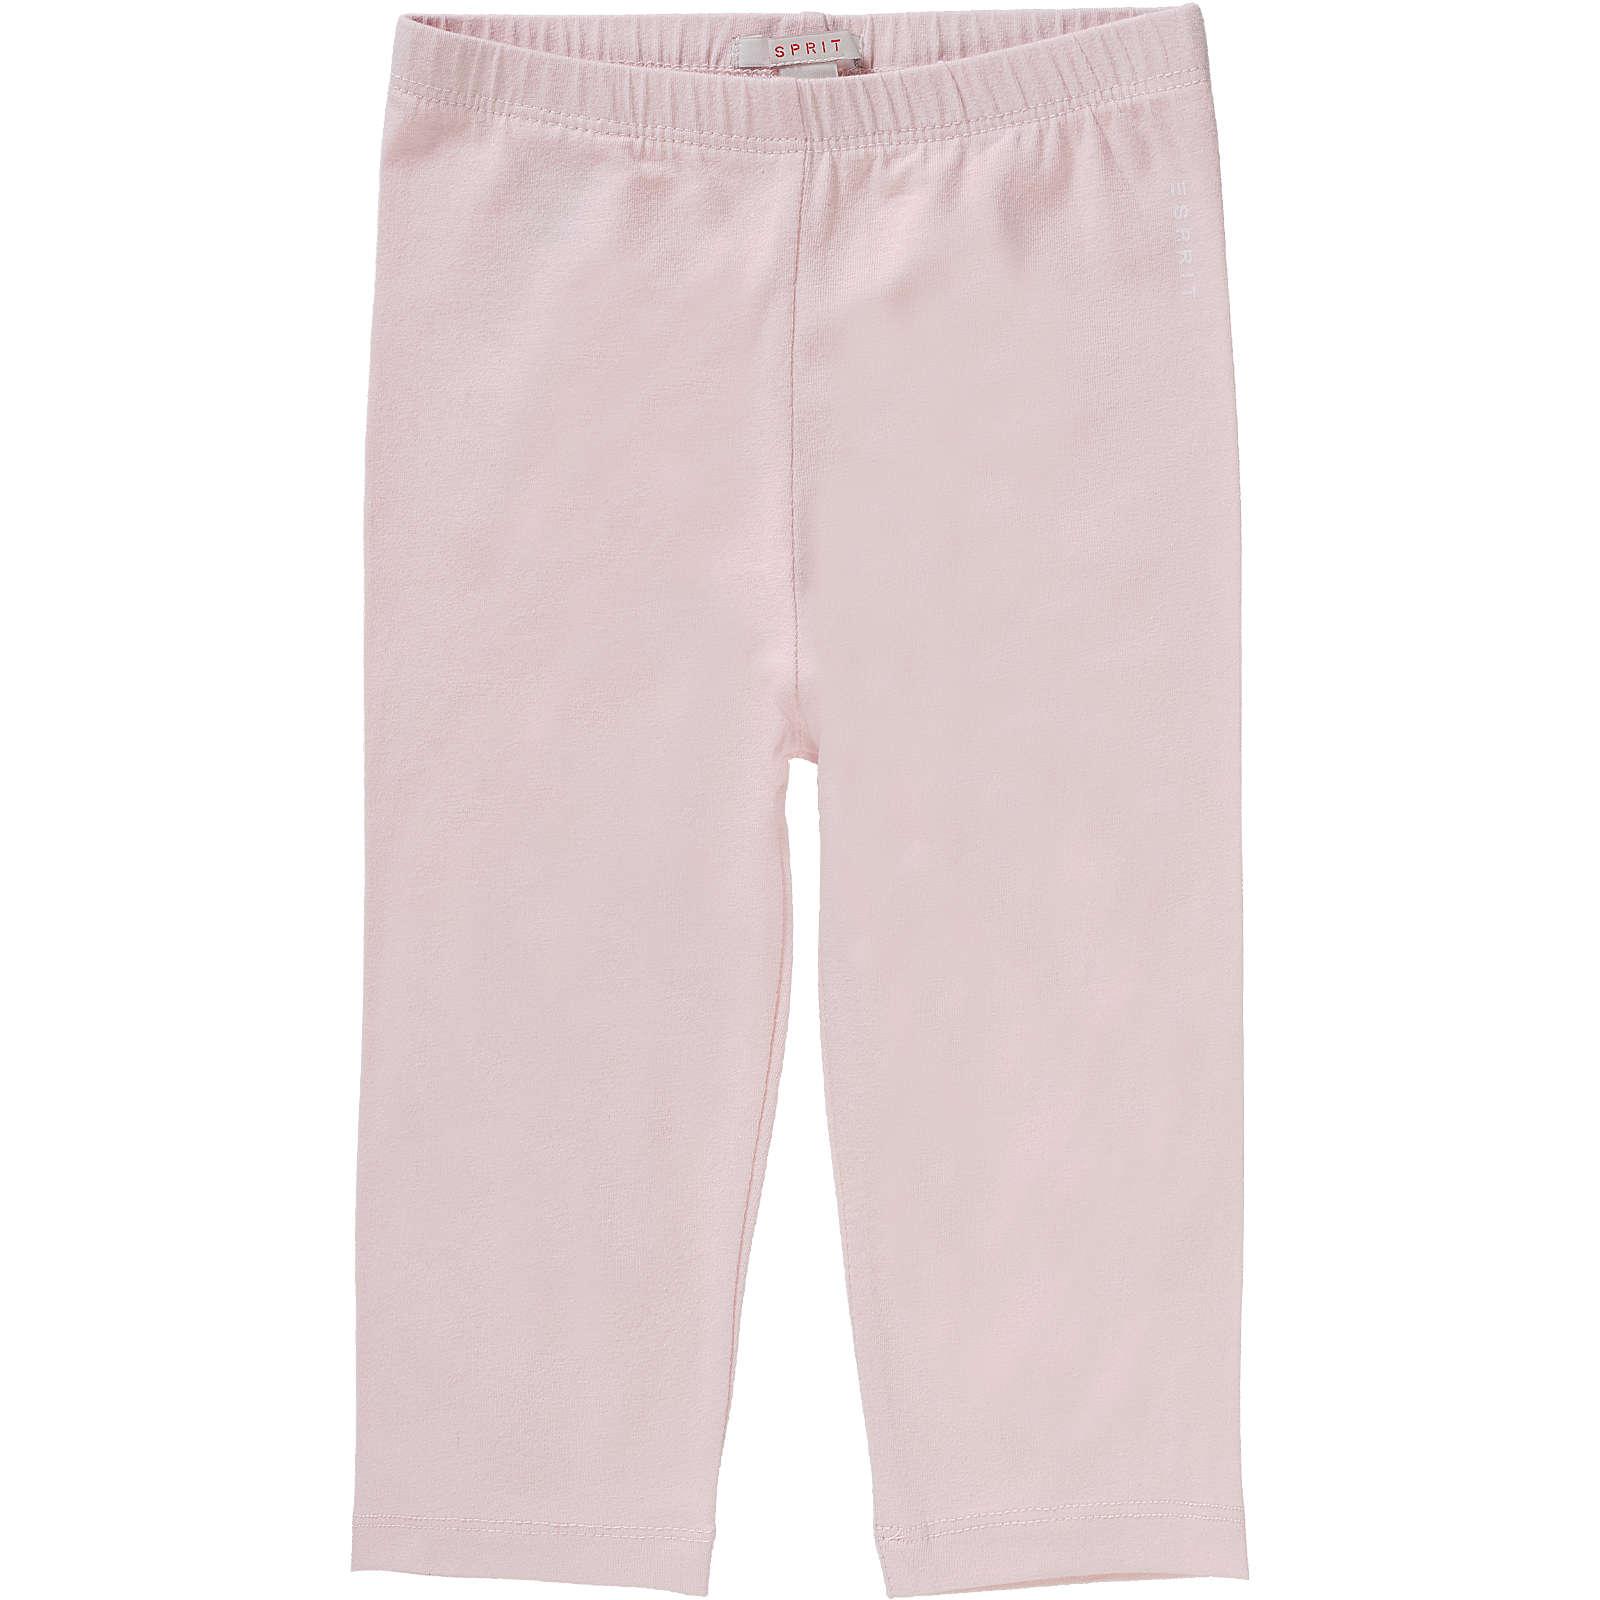 Image of ESPRIT 3/4 Leggings für Mädchen pink Mädchen Gr. 104/110